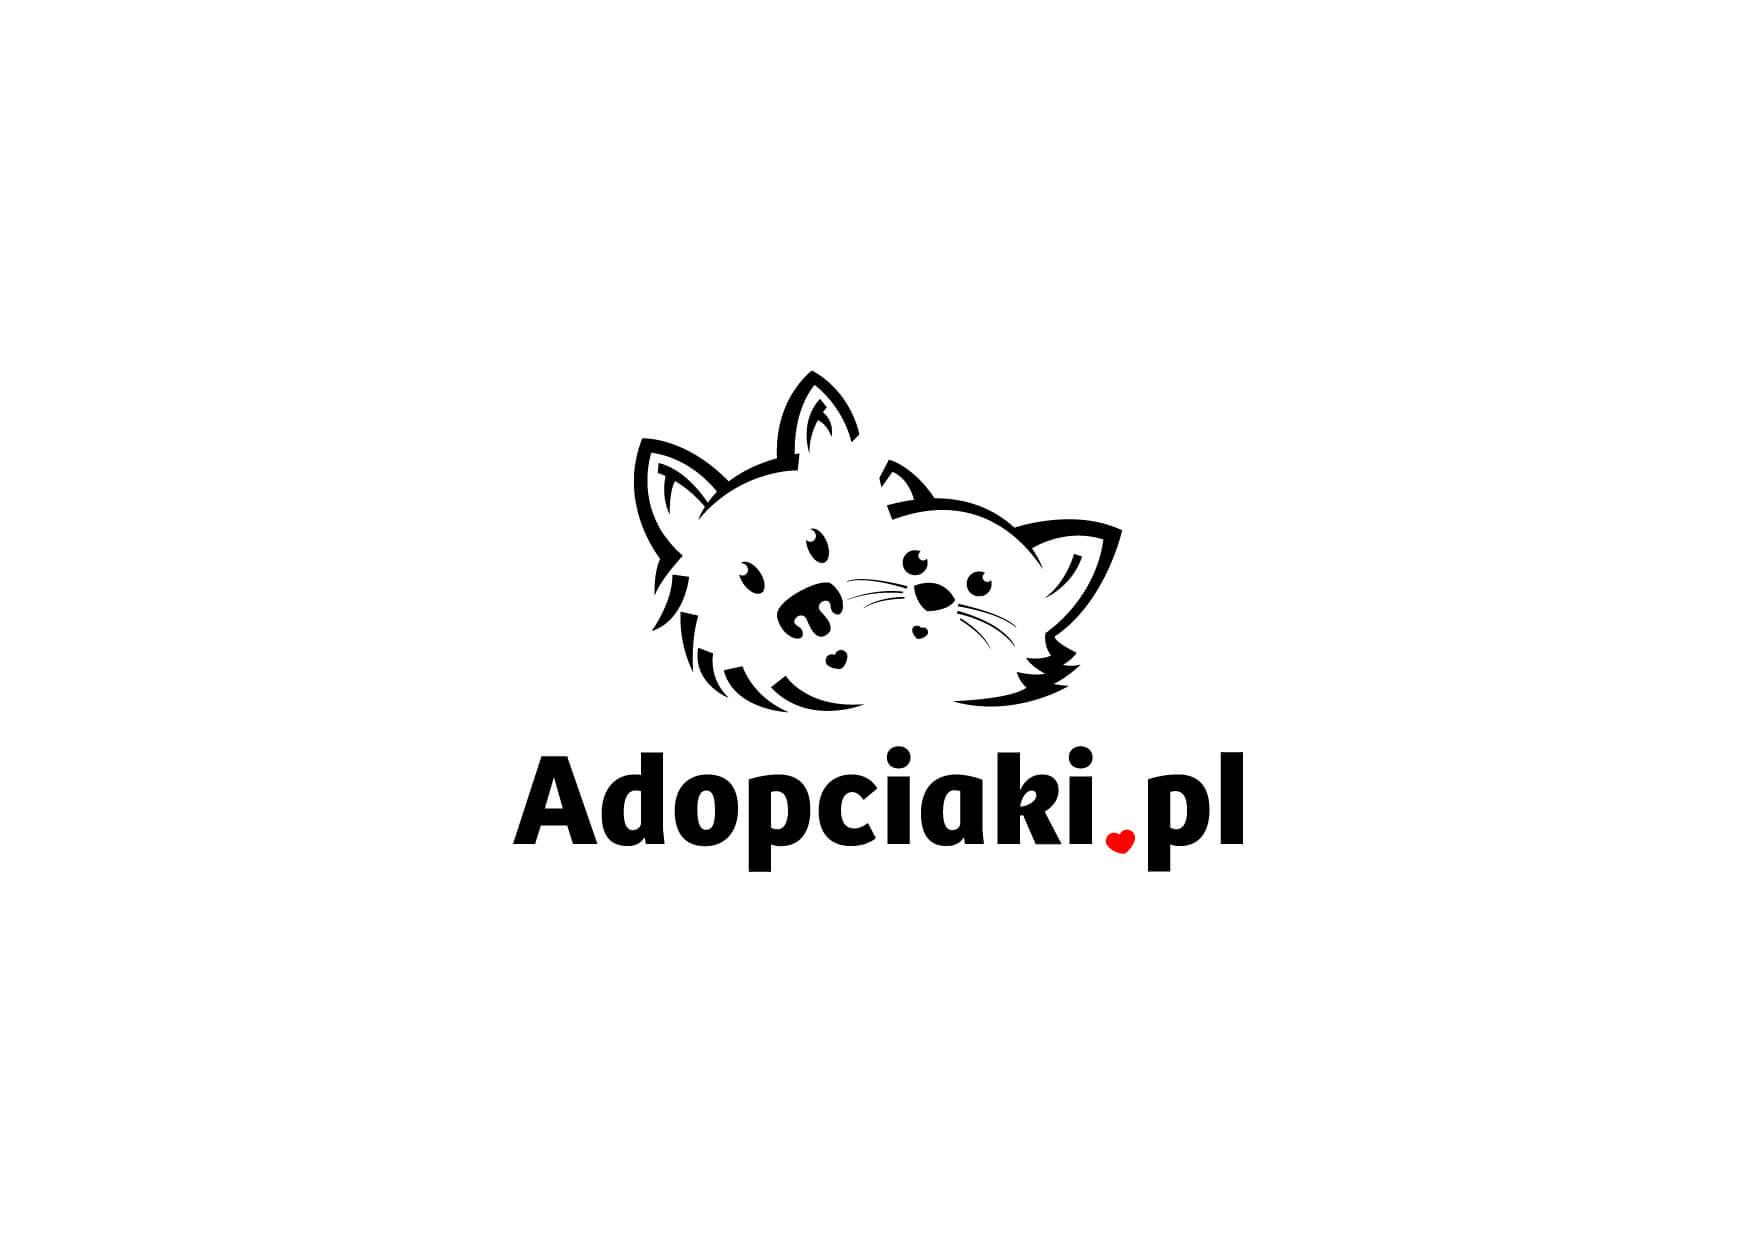 Logo Adopciaki.pl – Opoczno